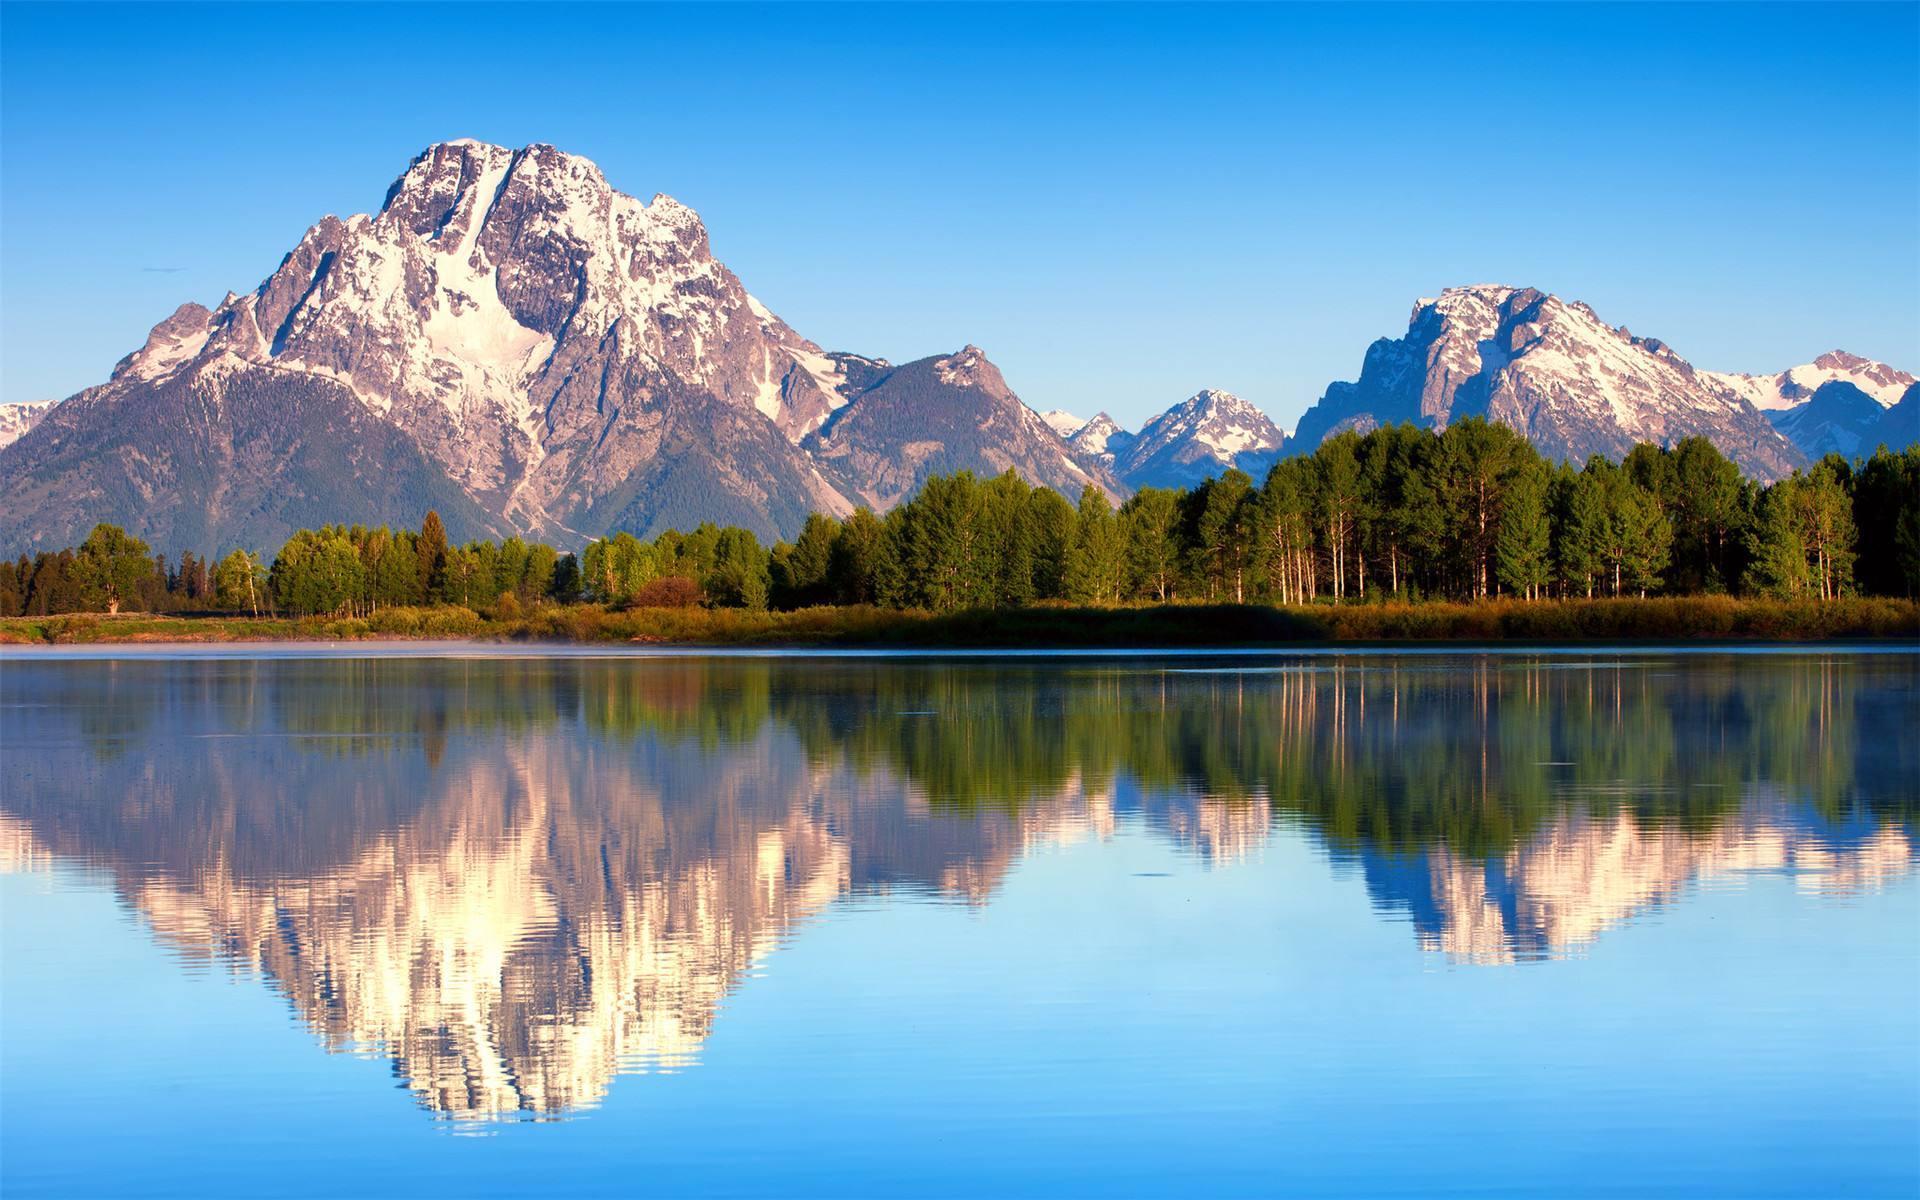 苏轼最美的秋景宋词,写深秋长江景致如行云流水一般悠远绵长图片